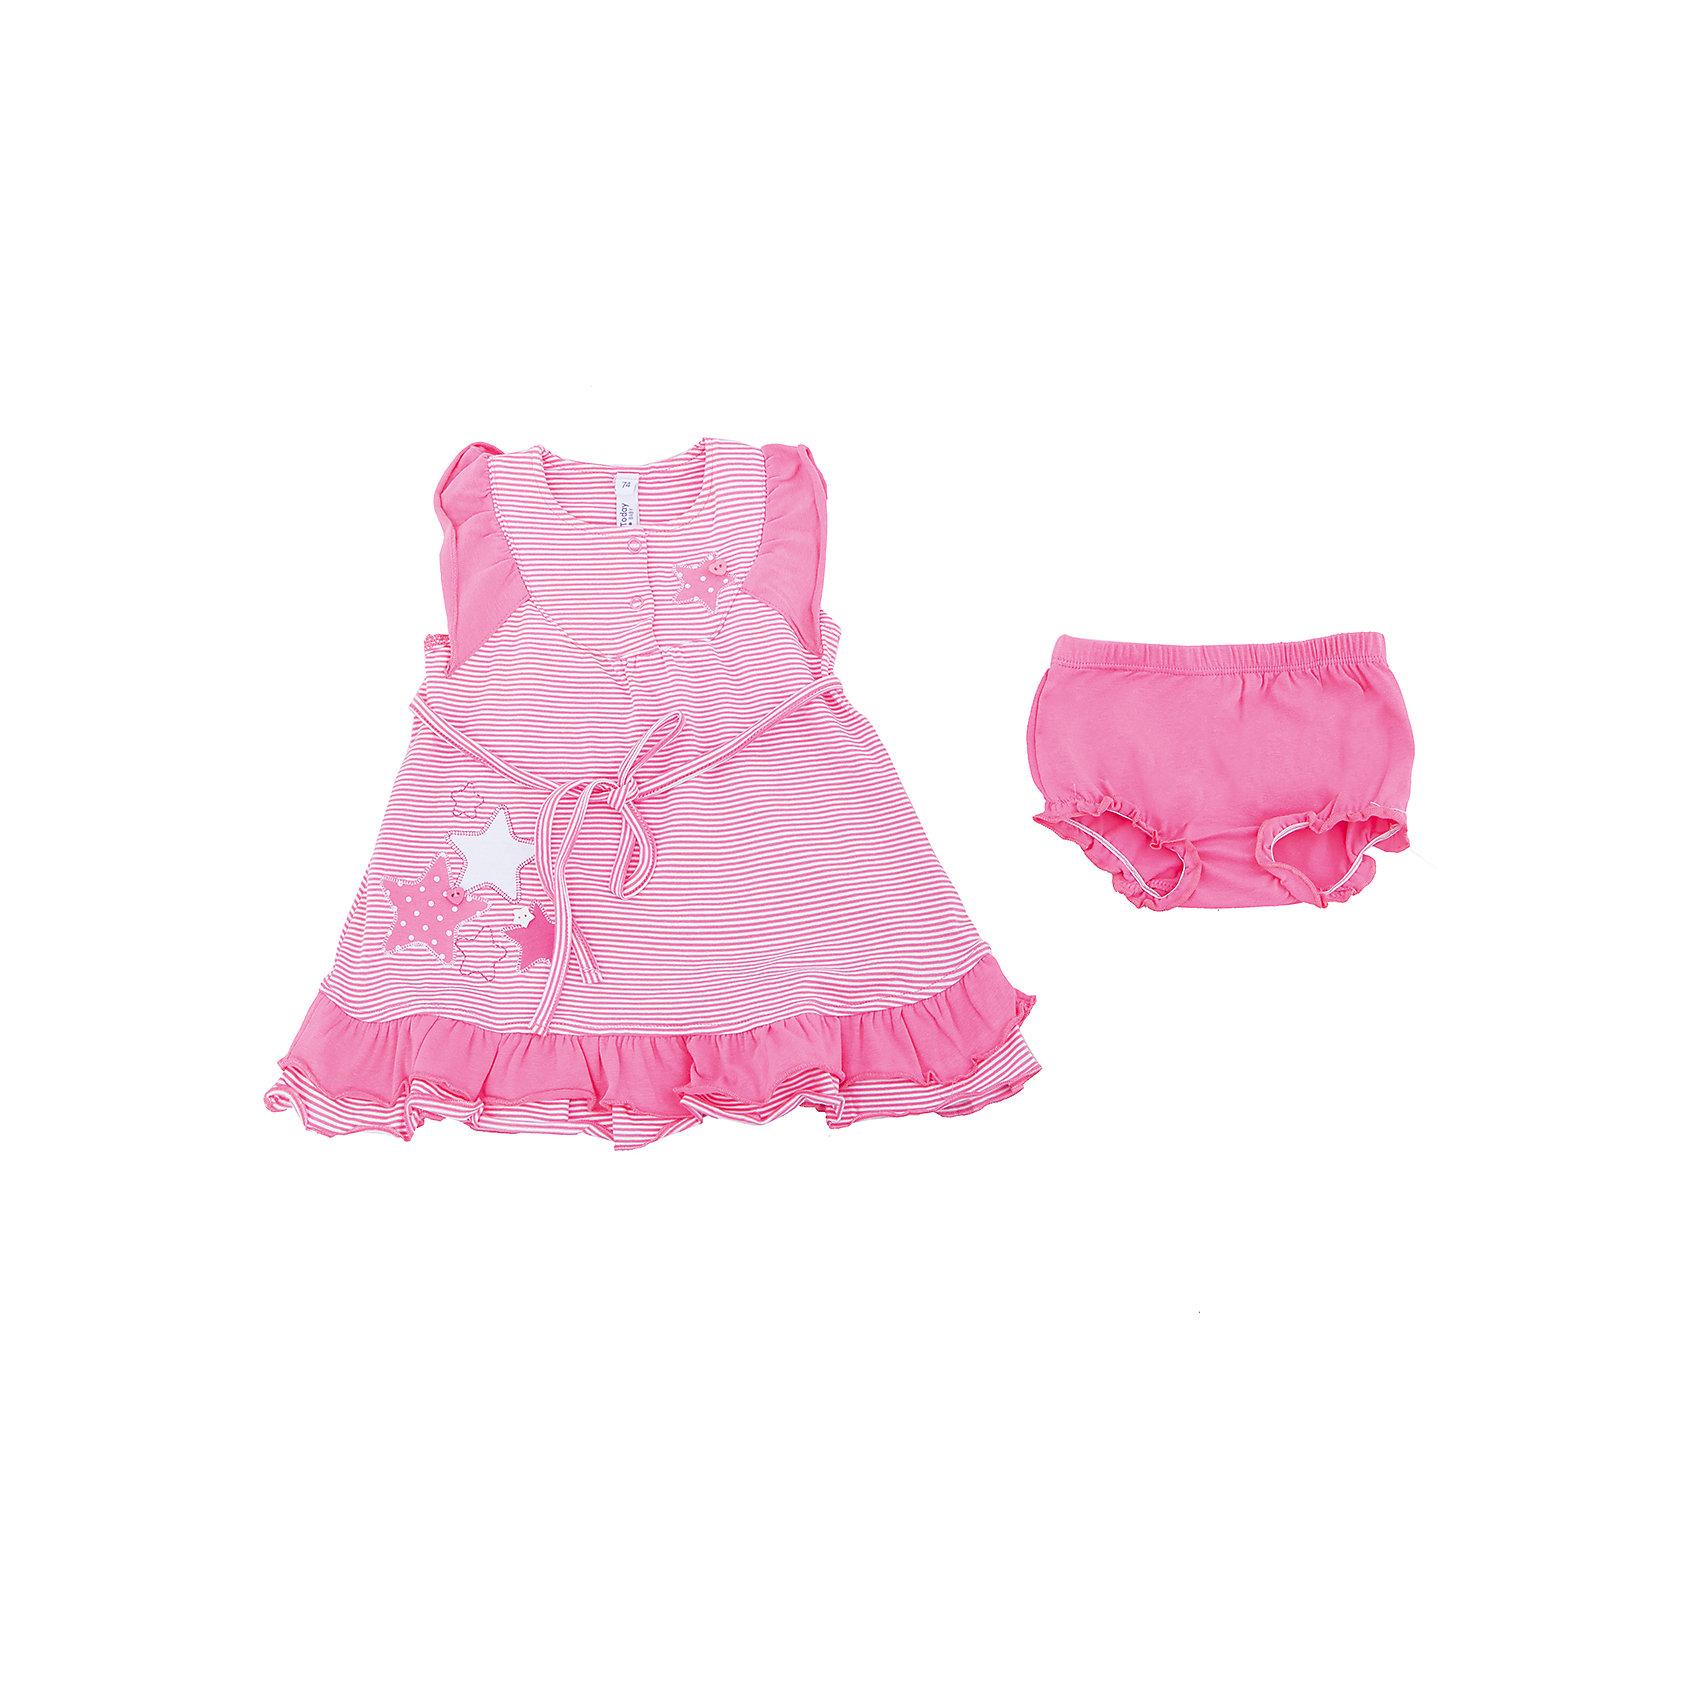 Комплект: платье и трусы для девочки PlayTodayКомплекты<br>Характеристики товара:<br><br>• цвет: розовый<br>• состав: 95% хлопок, 5% эластан<br>• комплектация: трусы, платье<br>• принт<br>• дышащий материал<br>• мягкая окантовка<br>• эластичный трикотаж<br>• рукава-крылышки<br>• комфортная посадка<br>• коллекция: весна-лето 2017<br>• страна бренда: Германия<br>• страна производства: Китай<br><br>Популярный бренд PlayToday выпустил новую коллекцию! Вещи из неё продолжают радовать покупателей удобством, стильным дизайном и продуманным кроем. Дети носят их с удовольствием. <br>Такая стильная модель обеспечит ребенку комфорт благодаря качественному материалу и продуманному крою. В составе ткани - натуральный хлопок, который позволяет коже дышать и не вызывает аллергии. Такие вещи очень просты в уходе.<br>PlayToday - это линейка товаров, созданная специально для детей. Дизайнеры учитывают новые веяния моды и потребности детей. Порадуйте ребенка обновкой от проверенного производителя!<br><br>Комплект: платье и трусы для девочки от известного бренда PlayToday можно купить в нашем интернет-магазине.<br><br>Ширина мм: 236<br>Глубина мм: 16<br>Высота мм: 184<br>Вес г: 177<br>Цвет: розовый<br>Возраст от месяцев: 6<br>Возраст до месяцев: 9<br>Пол: Женский<br>Возраст: Детский<br>Размер: 74,92,86,80<br>SKU: 5603853